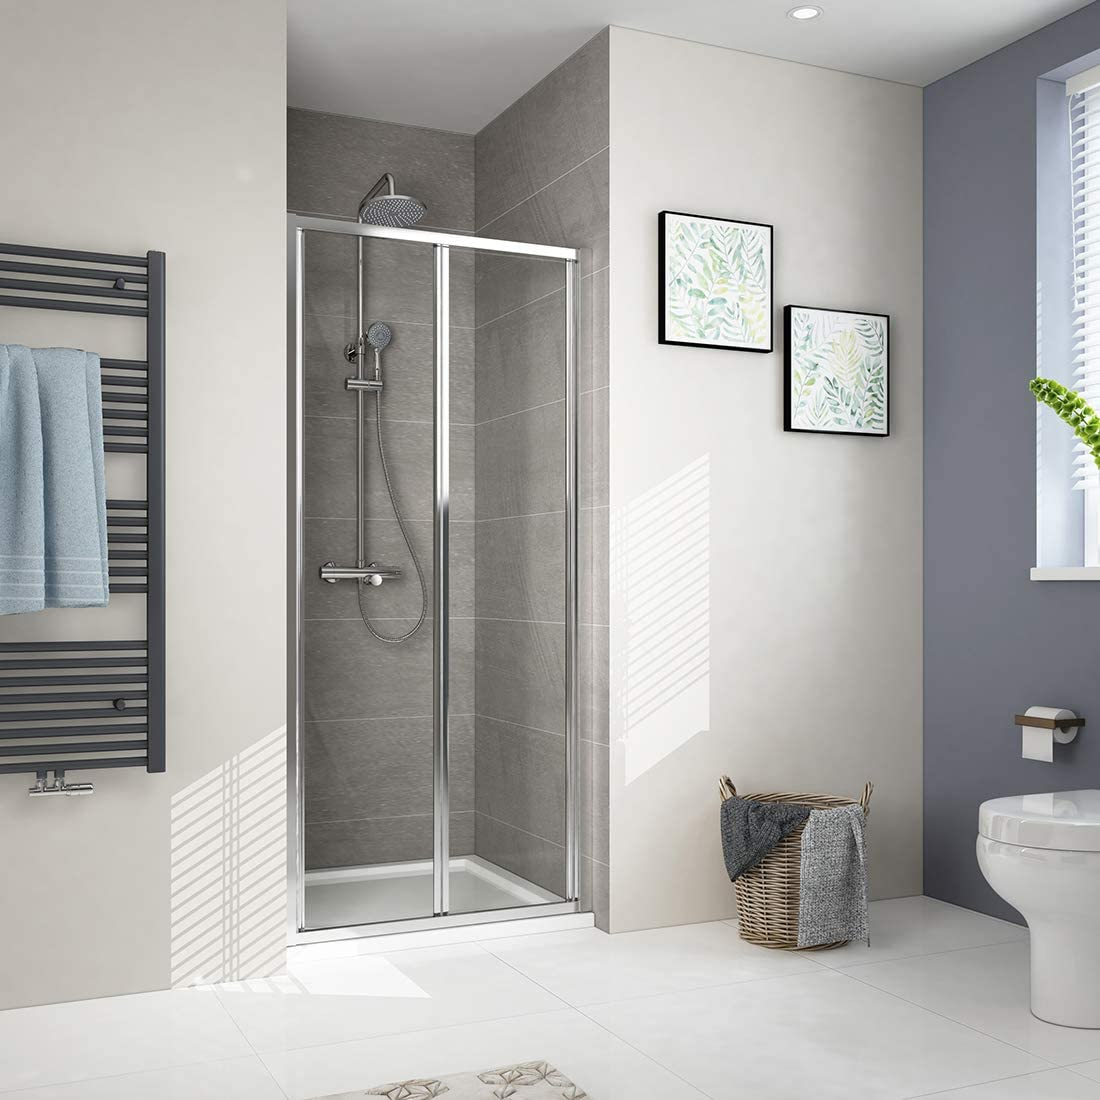 Duschdeluxe - Mampara de ducha plegable reversible con puerta de cristal templado de 6 mm: Amazon.es: Bricolaje y herramientas